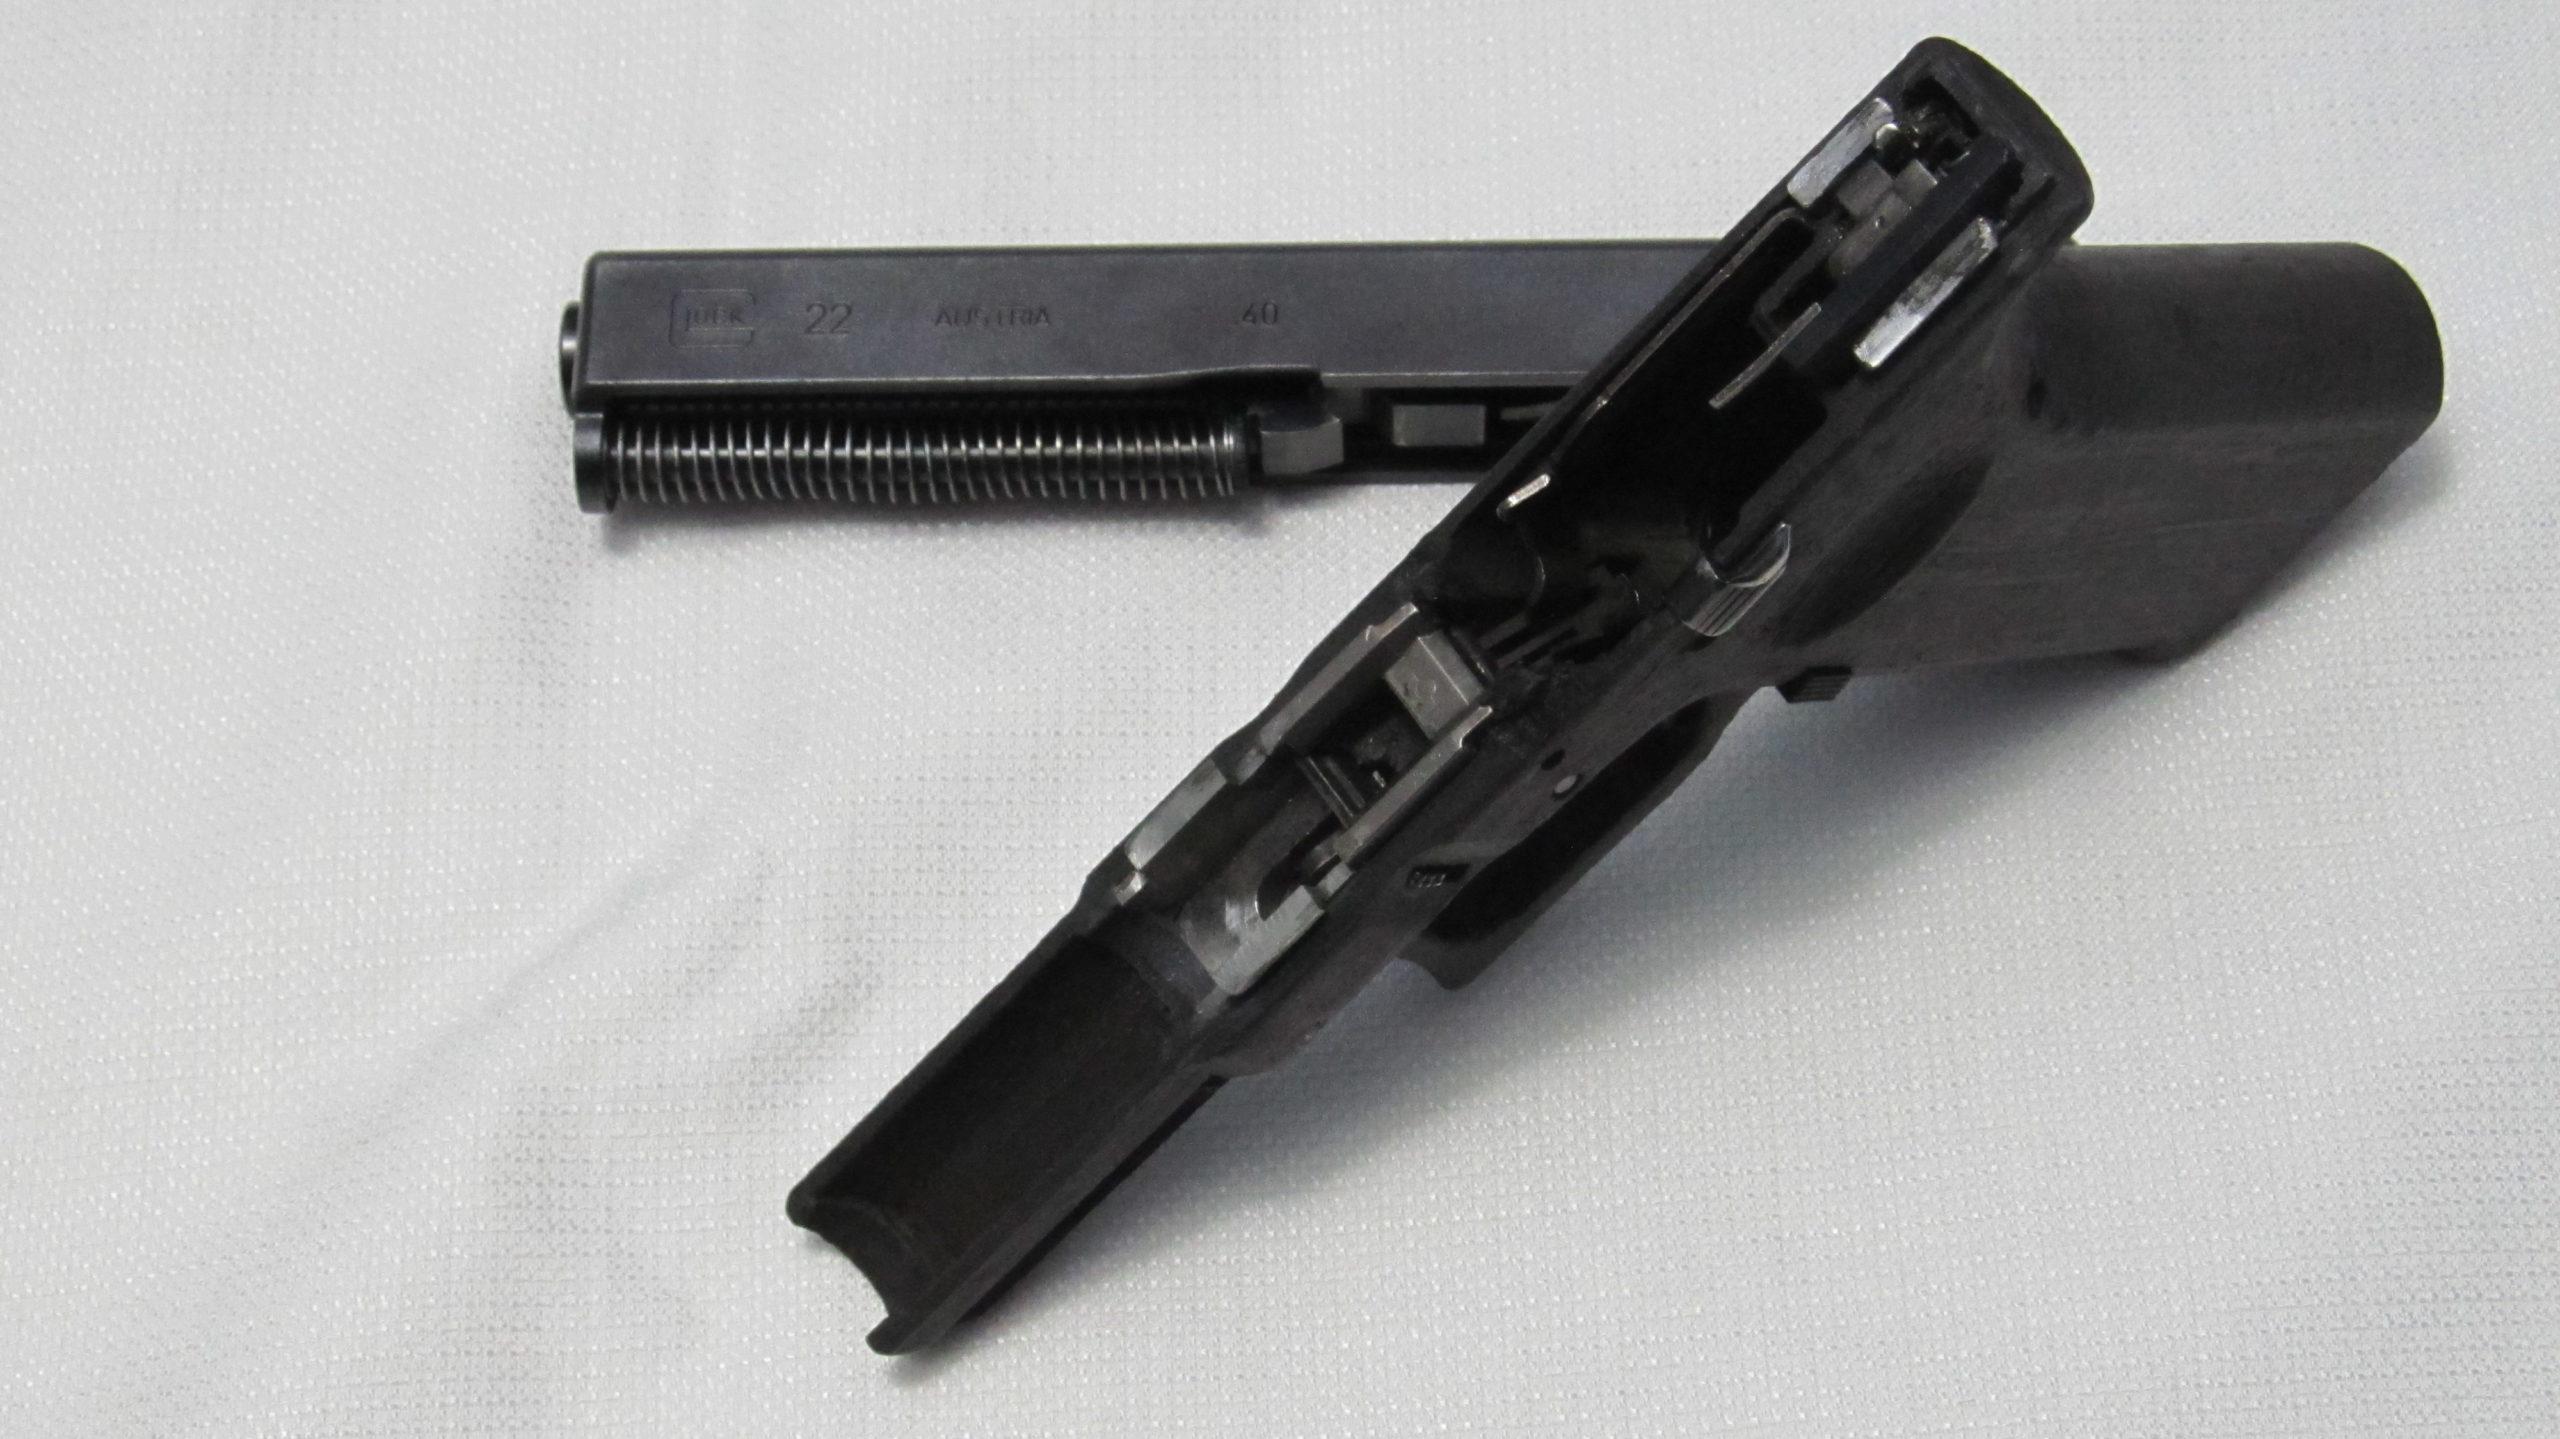 3D Printed Glock Frames